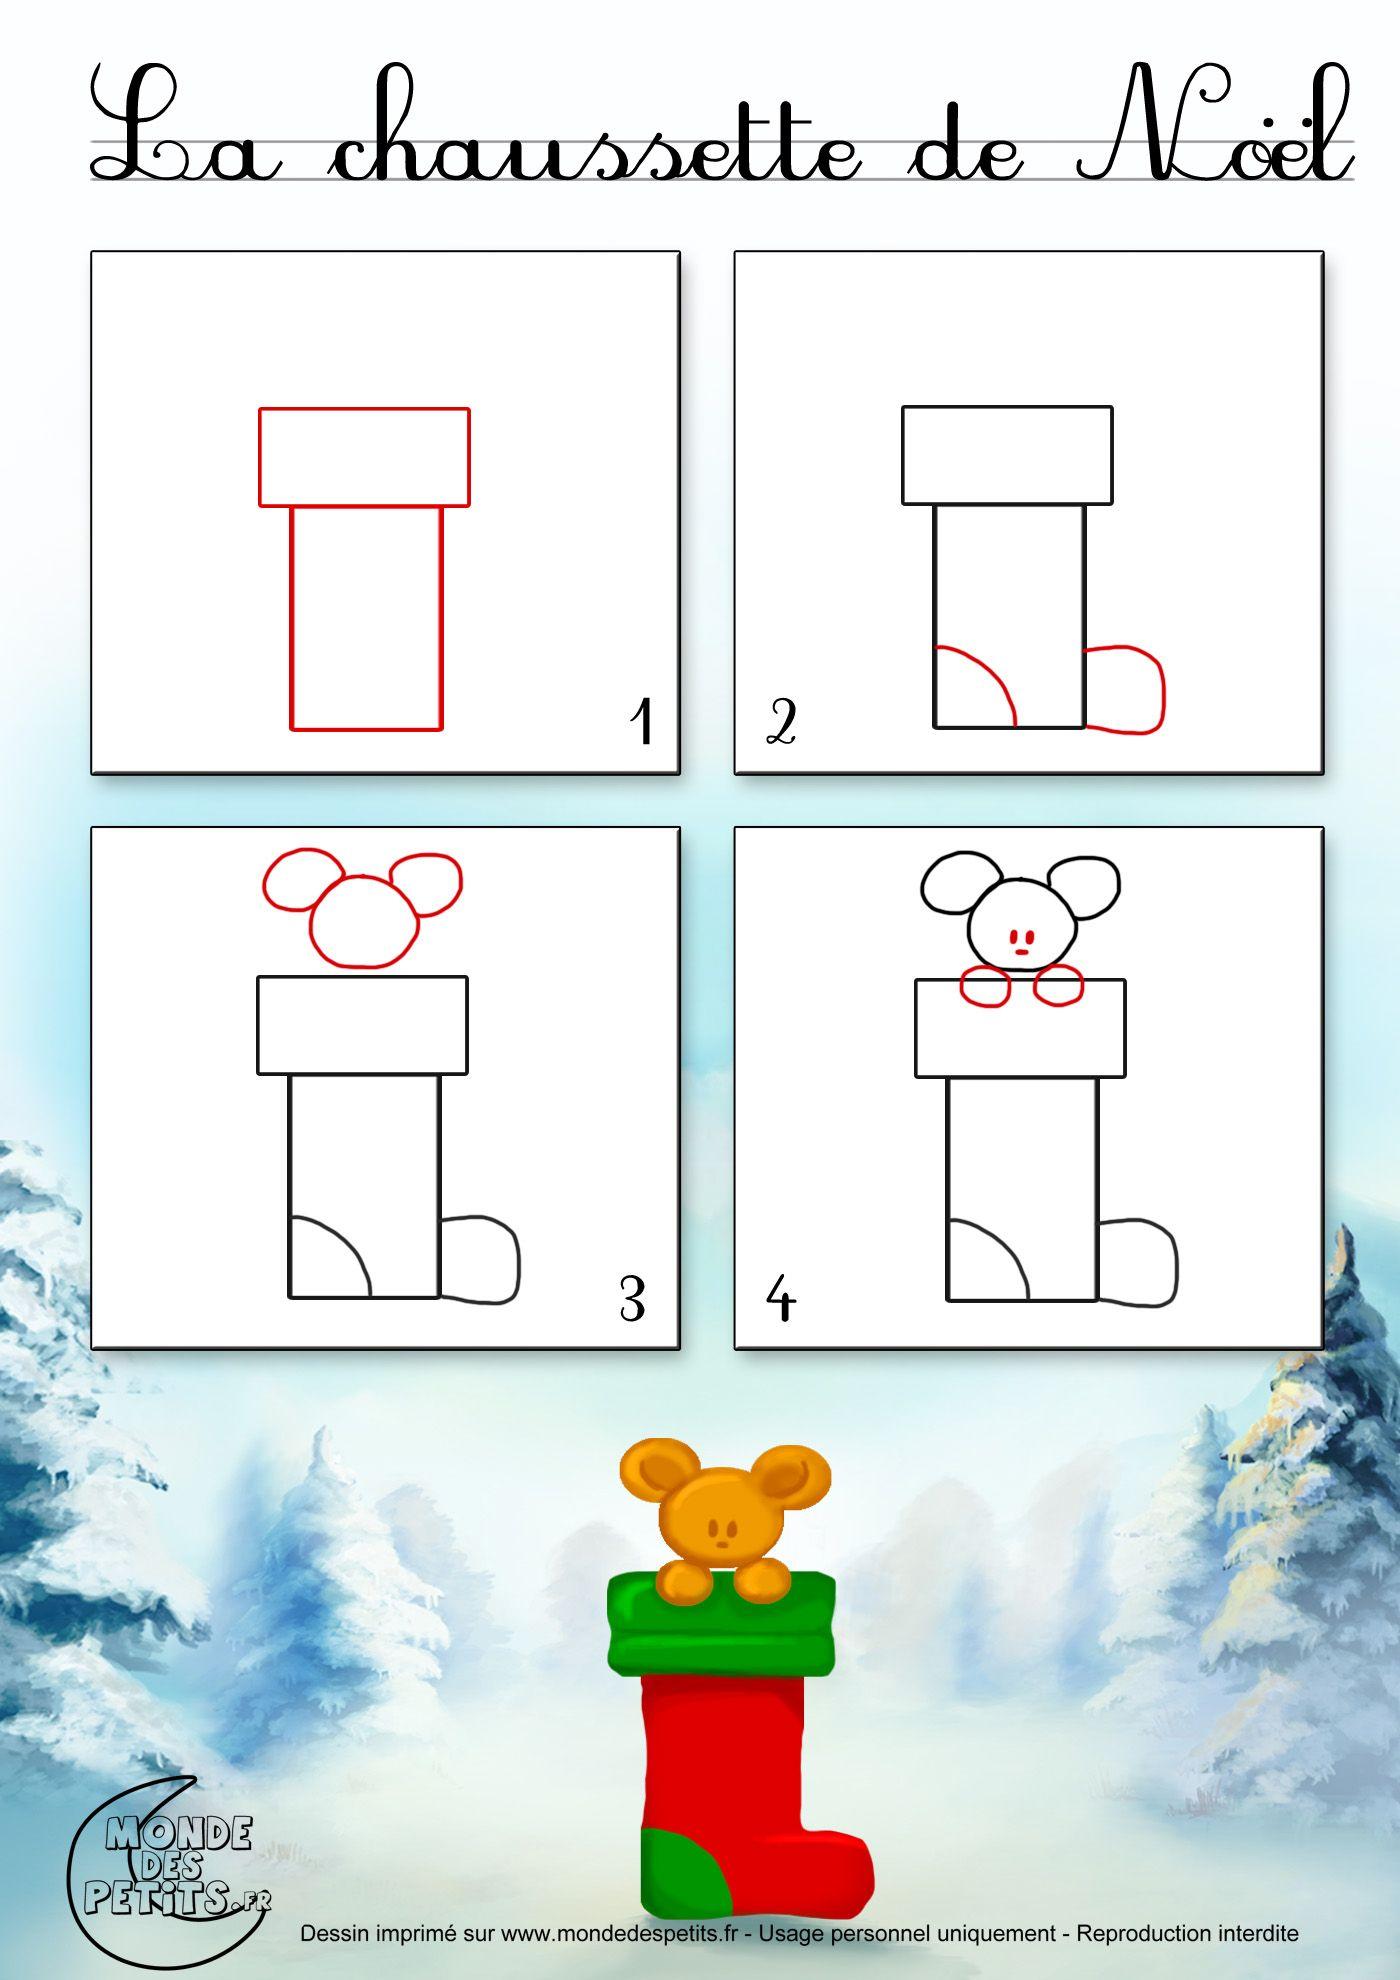 Dessin2 comment dessiner une chaussette de no l dessiner pinterest dessin dessin noel - Dessiner un renne ...